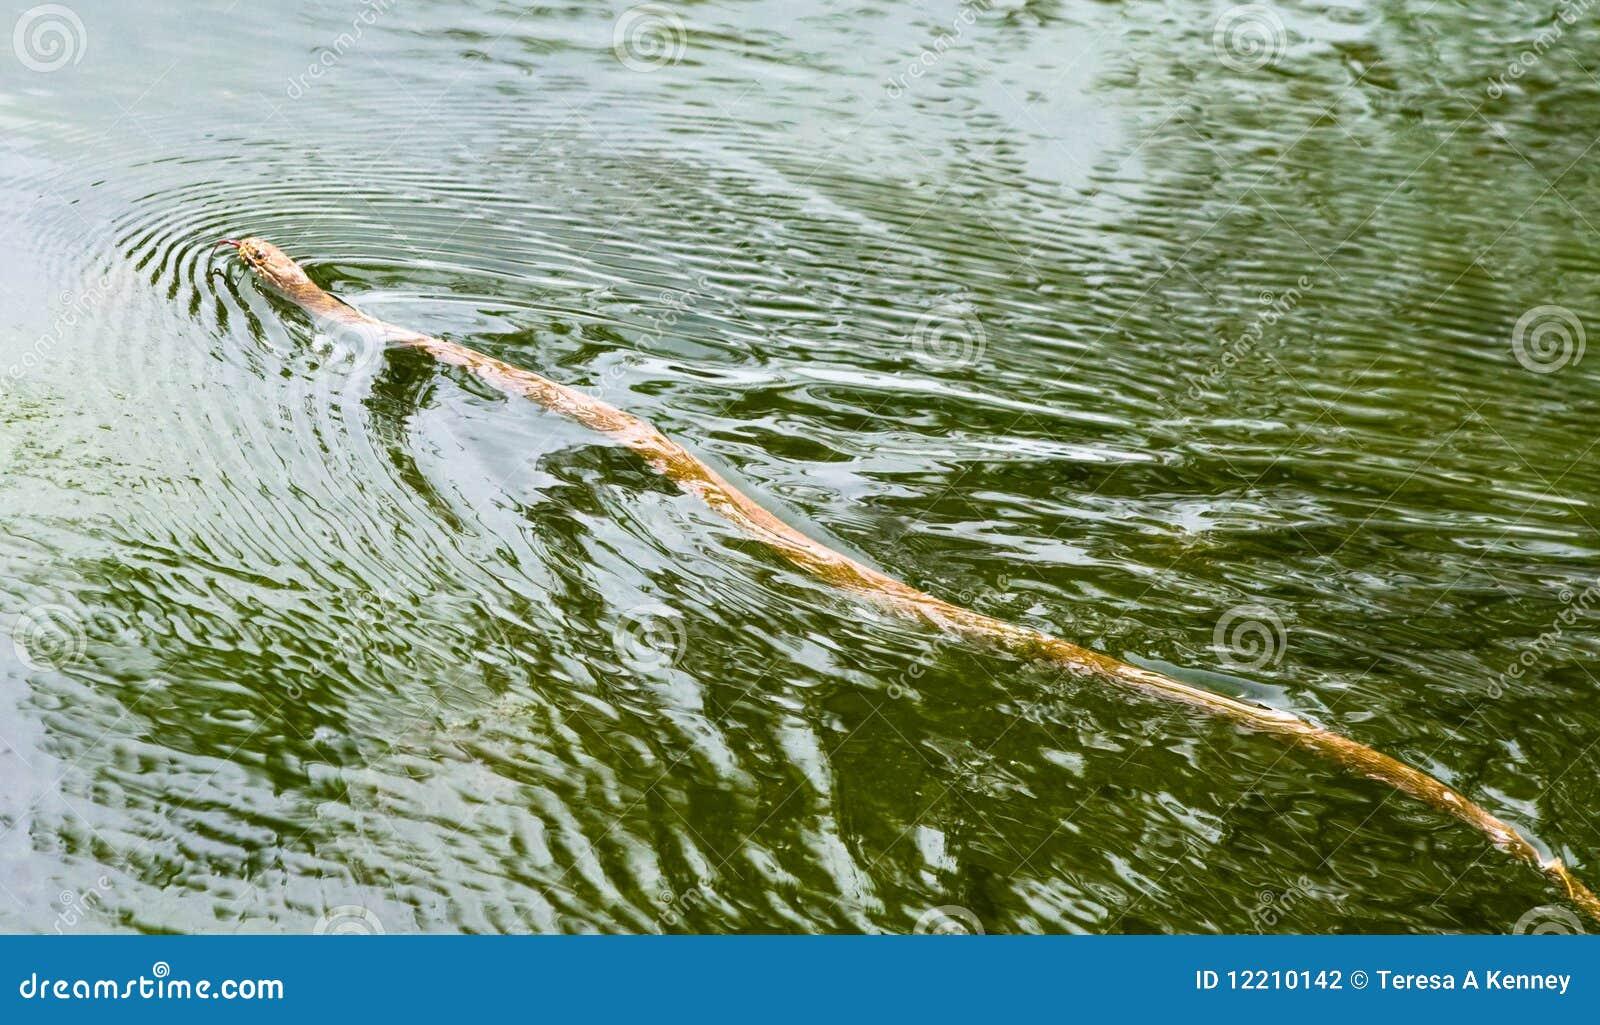 Serpente de água do norte de Brown